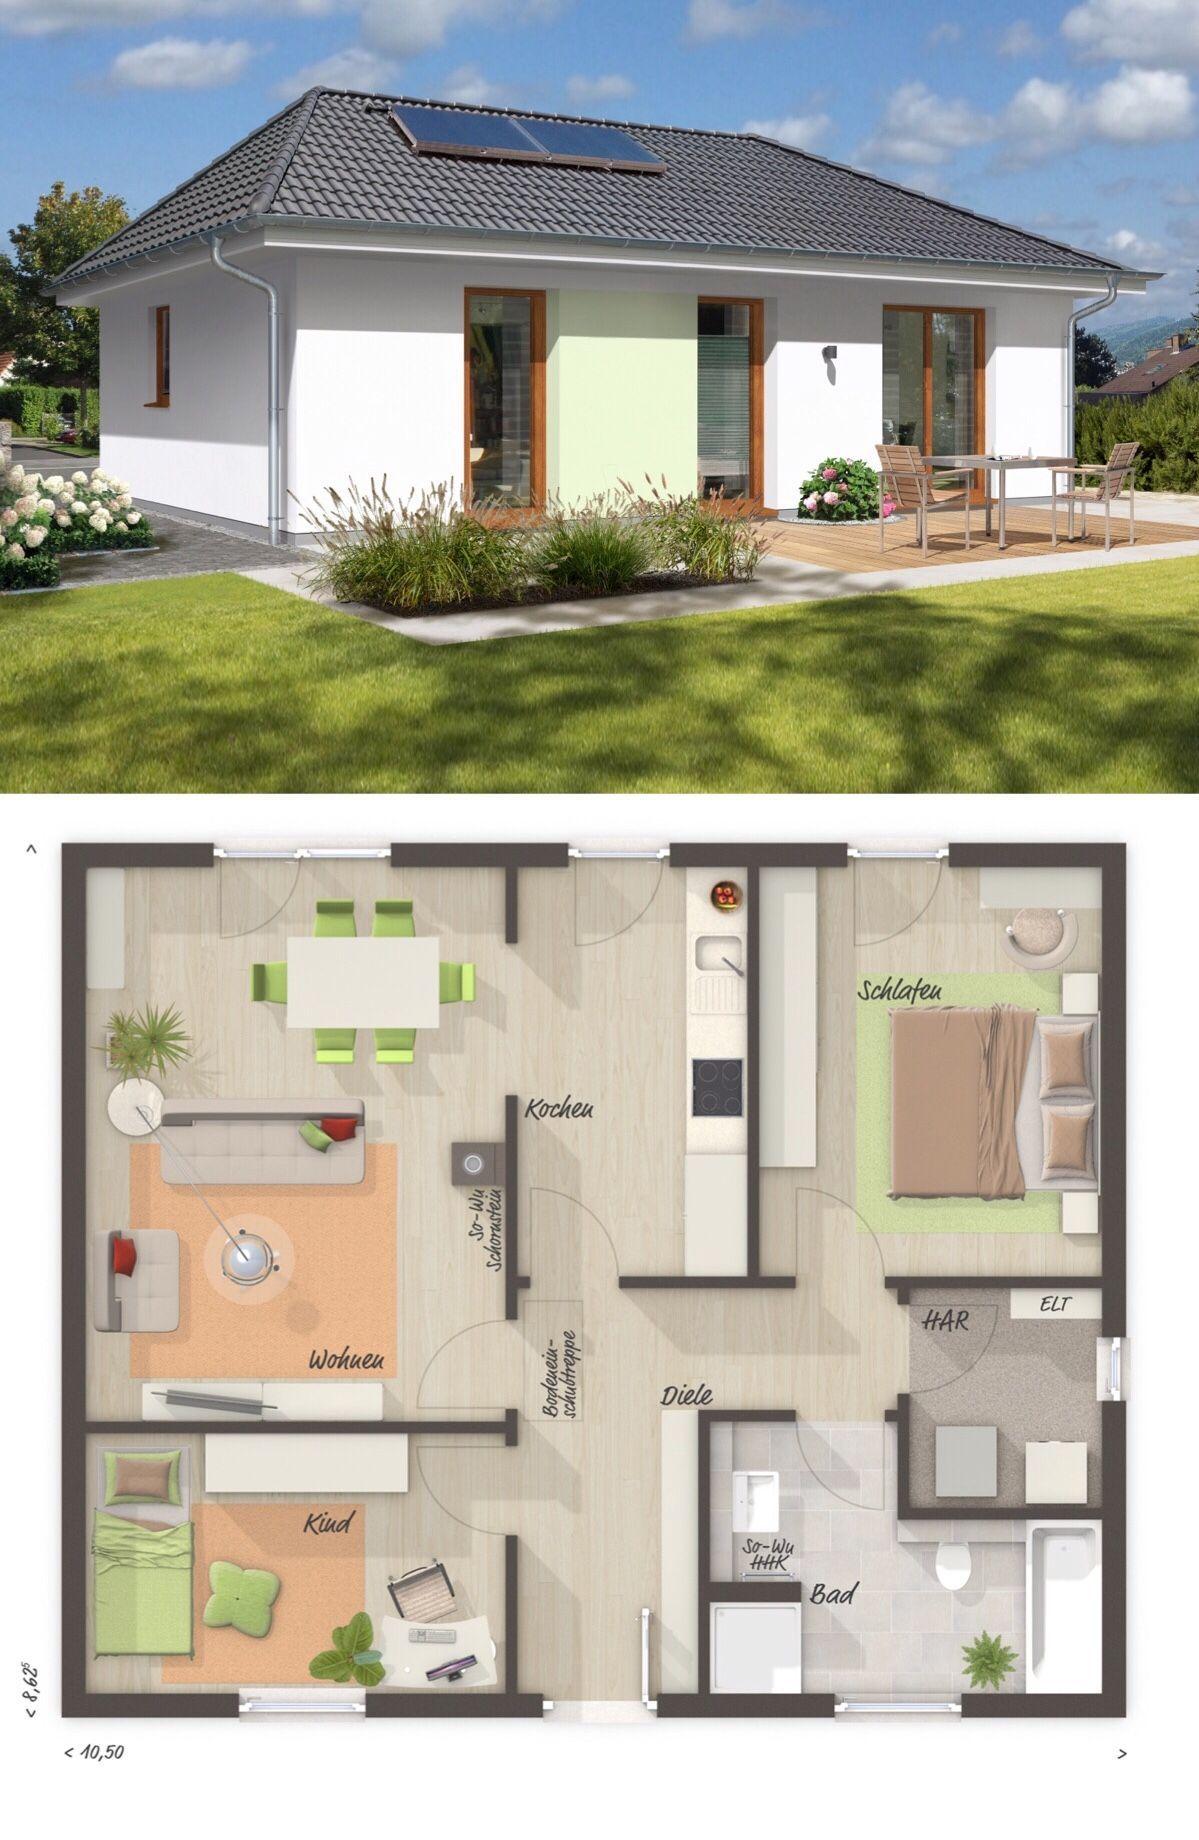 Bungalow Haus Grundriss Klein 3 Zimmer Barrierefrei 77 Qm Wohnflache Massivhaus Schlusselfertig Bauen Ideen Einfa Haus Grundriss Haus Bungalow Bauplan Haus